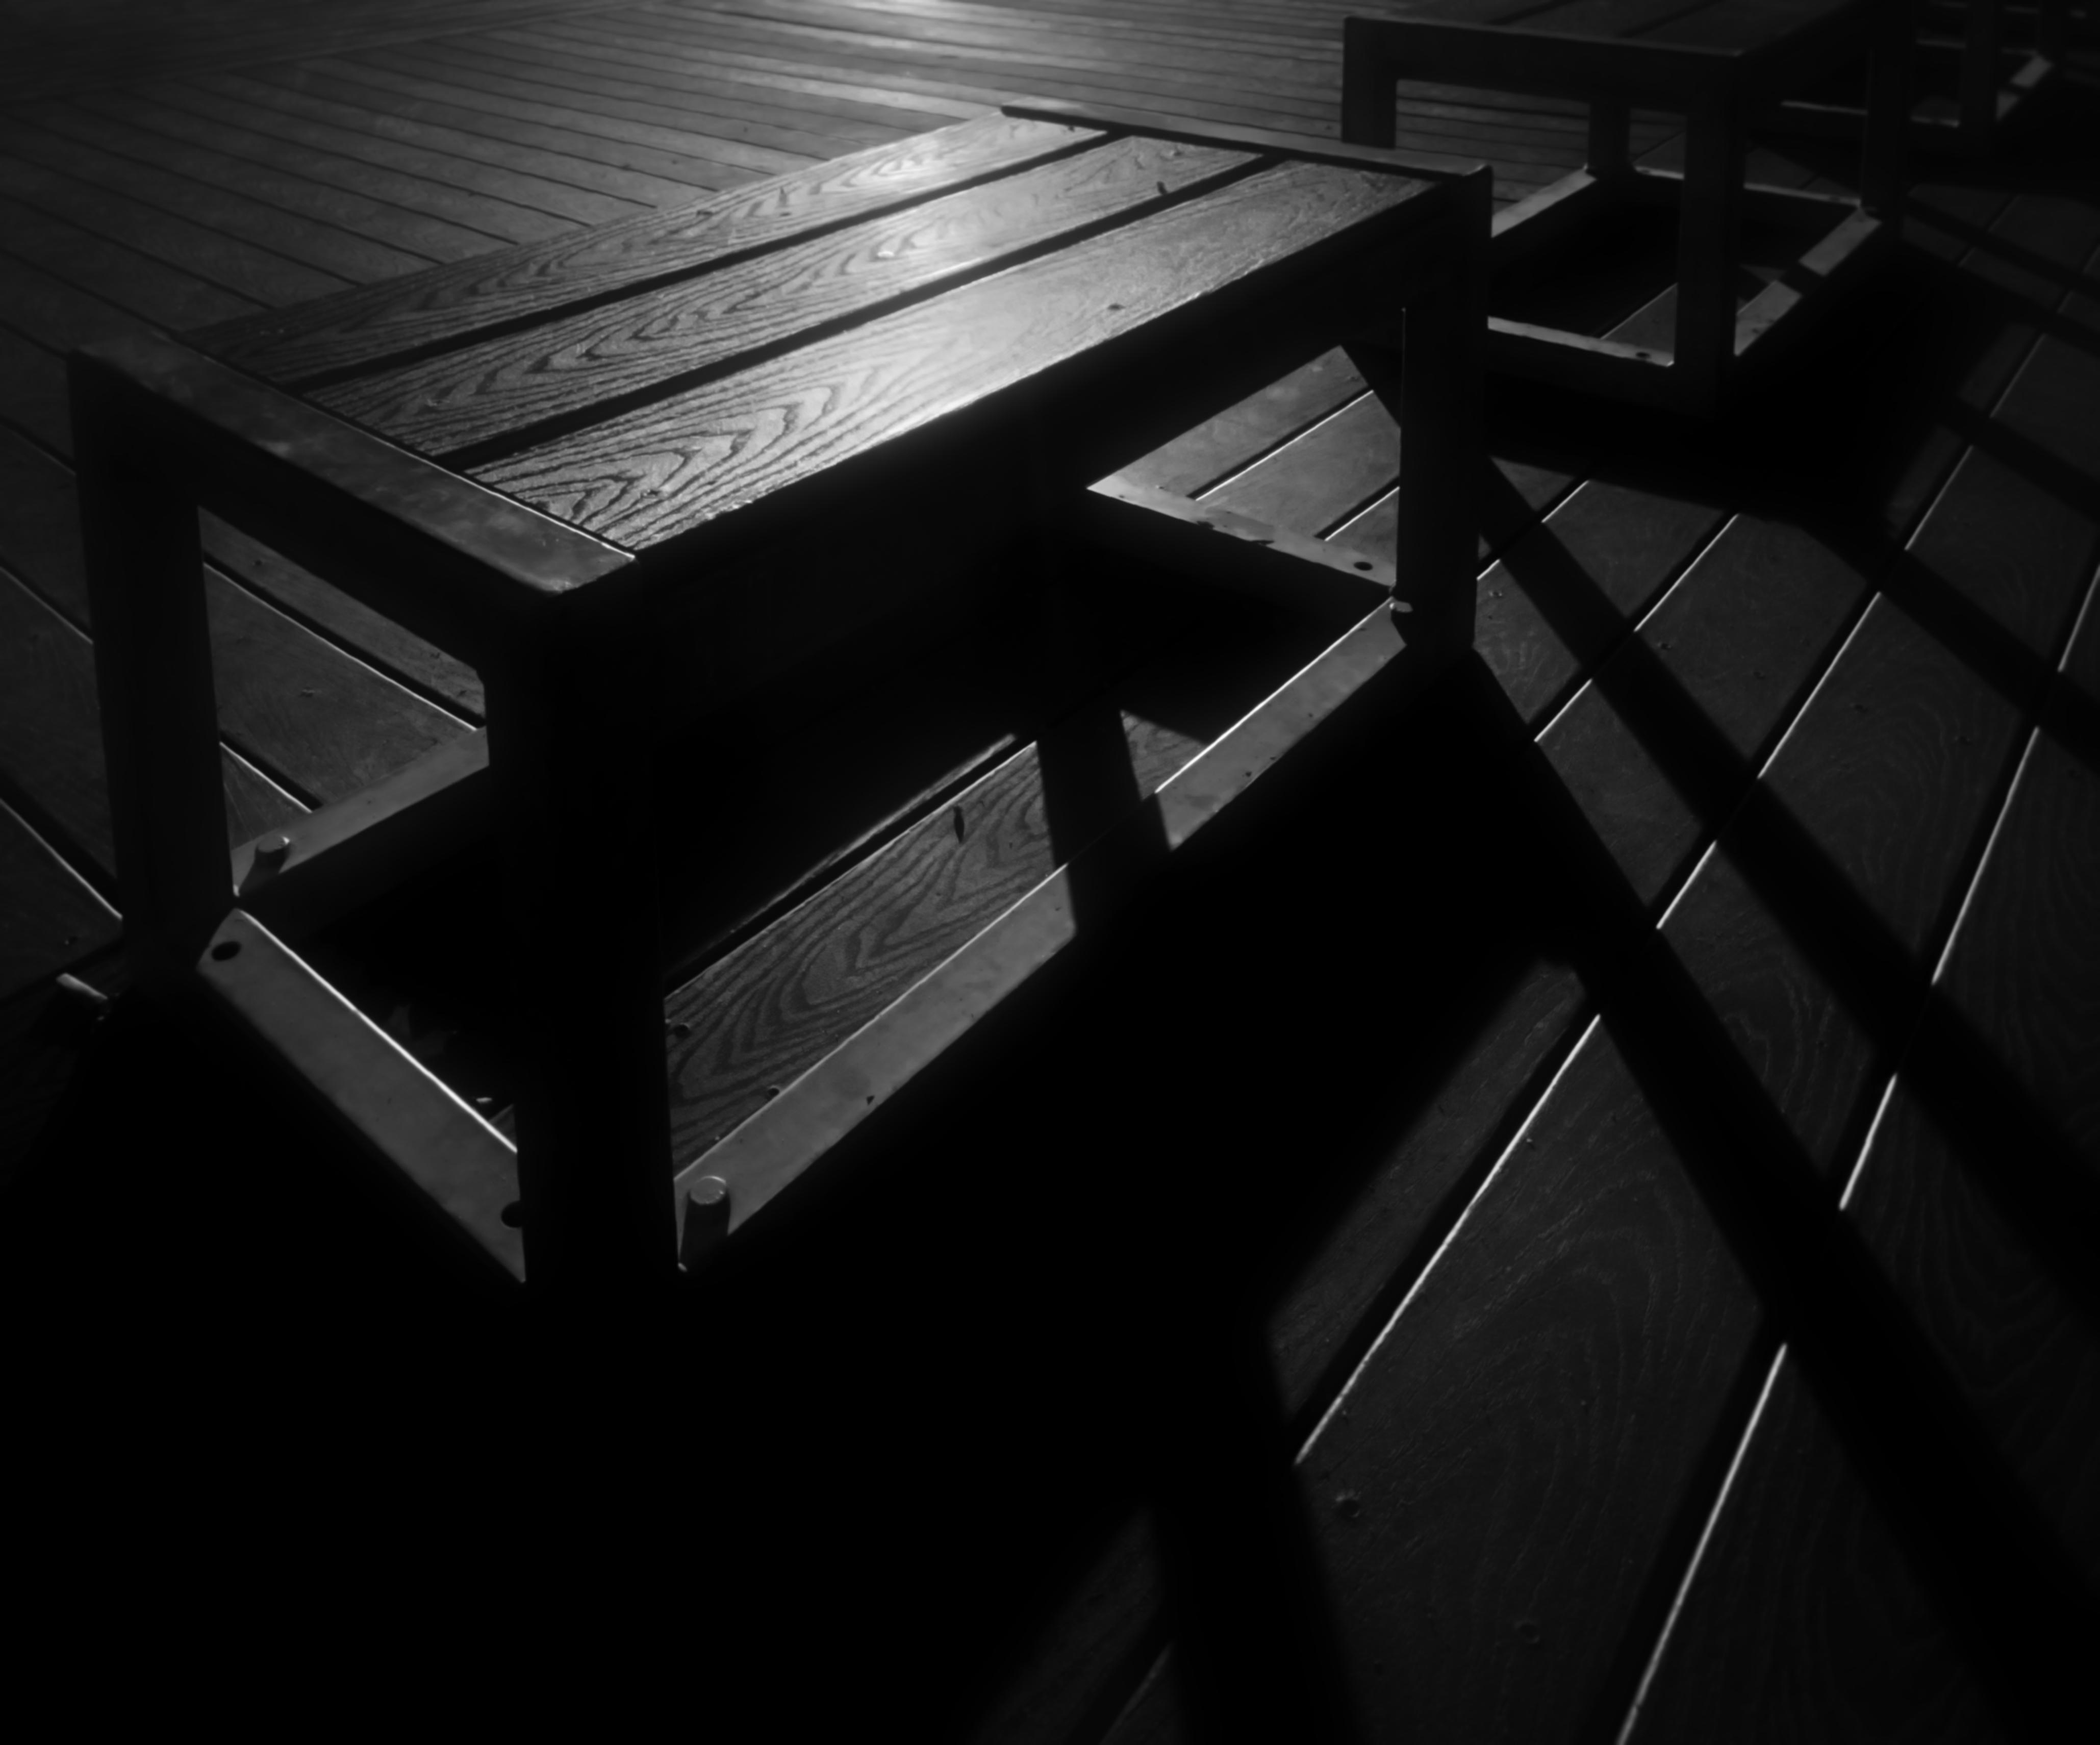 Fotos gratis : mesa, pájaro, ligero, en blanco y negro, piso, lago ...